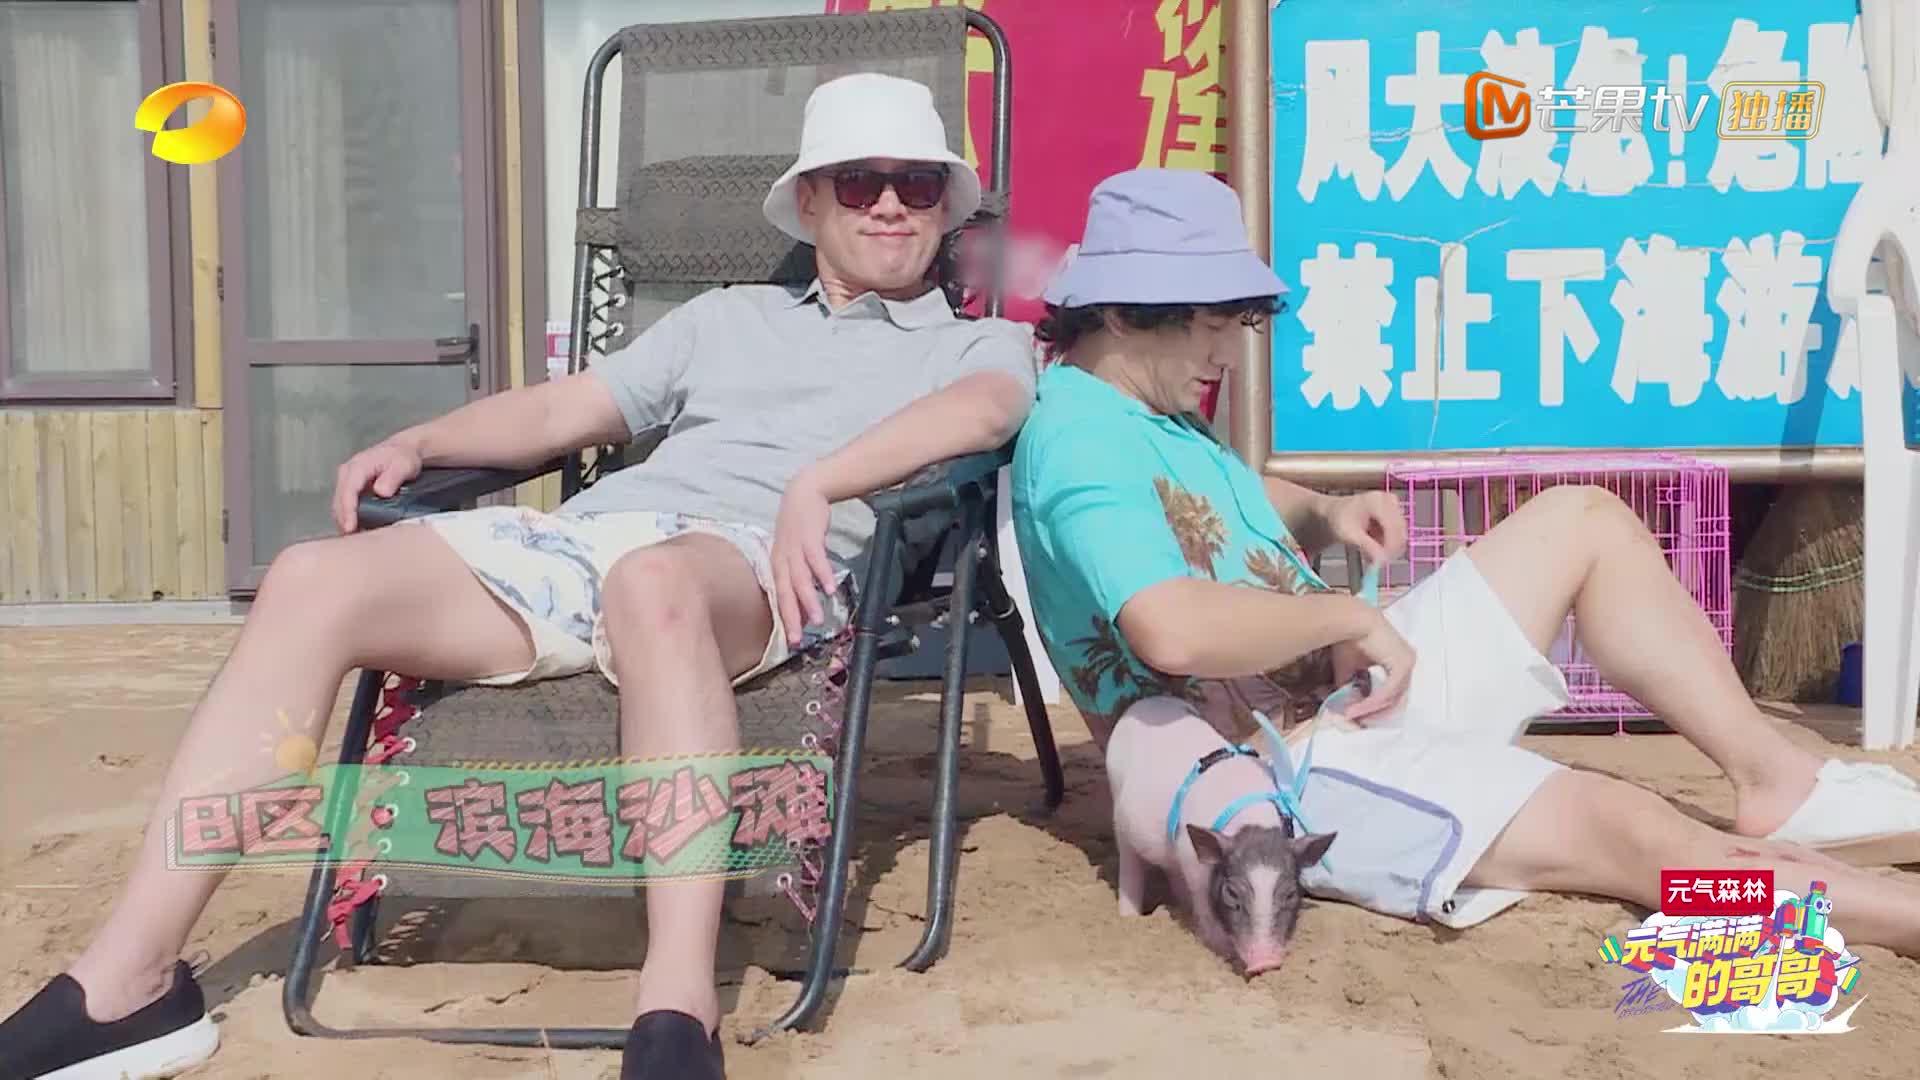 元气满满的哥哥 王耀庆吴奇隆带猪度假